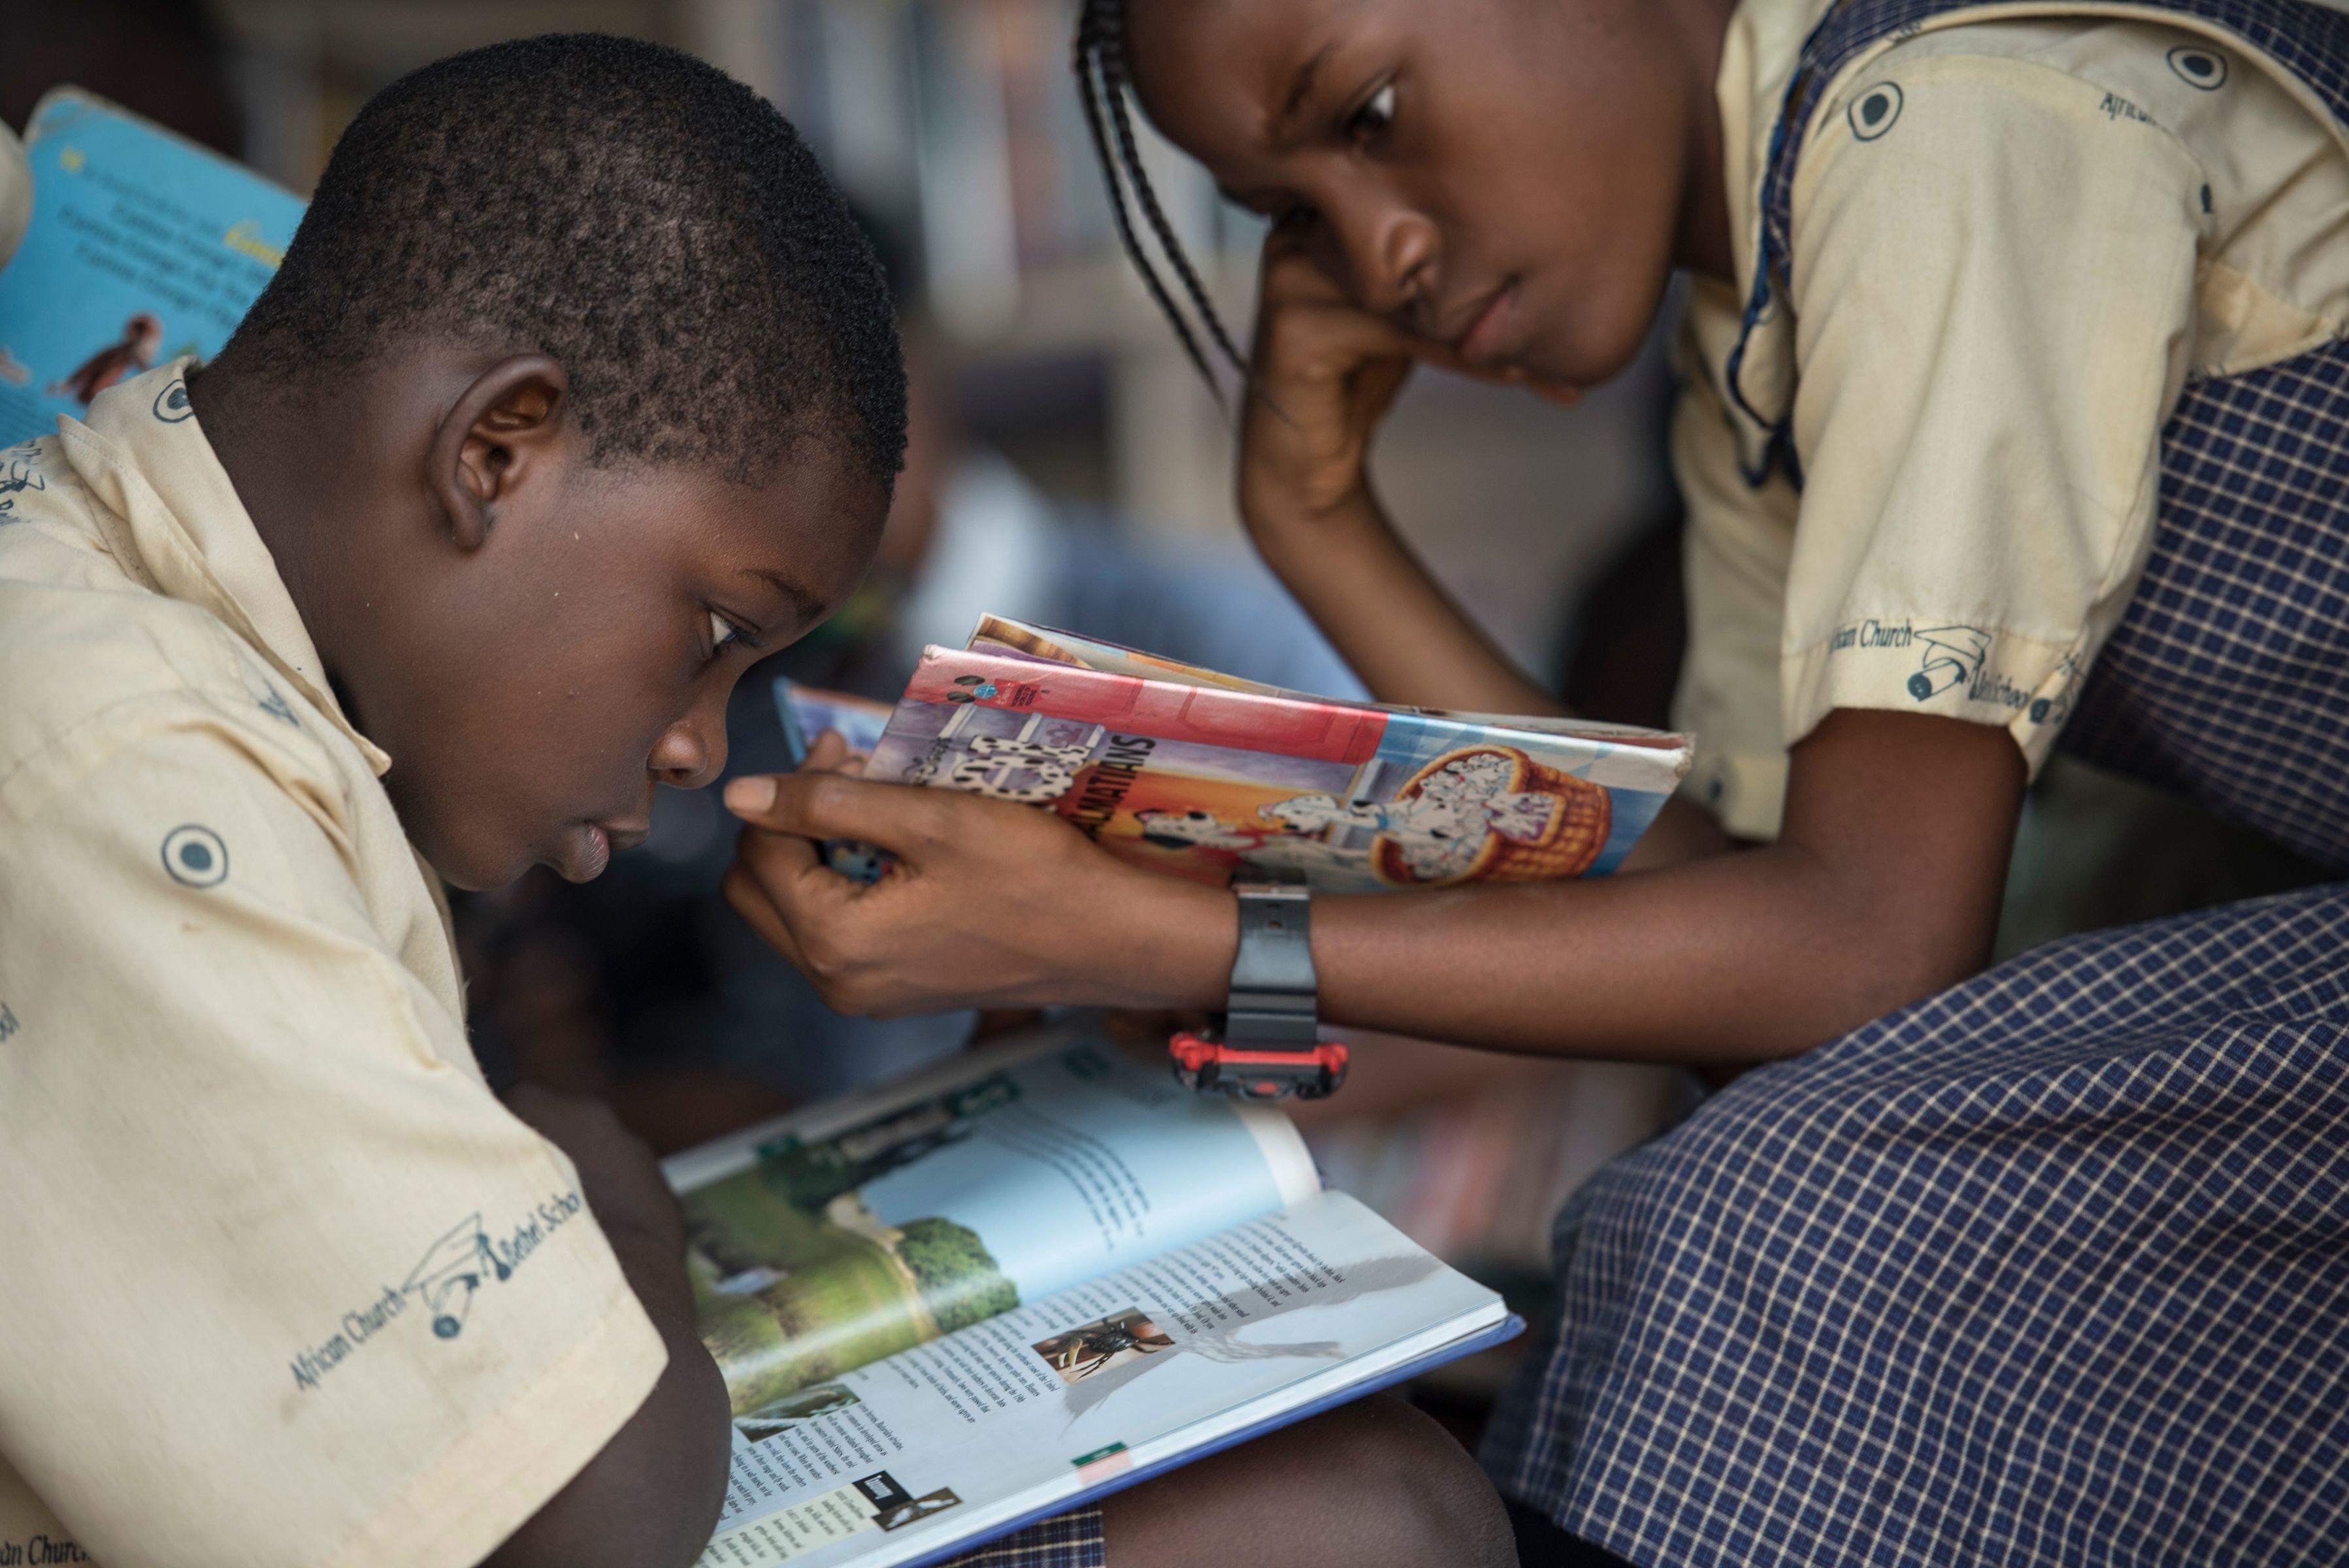 BLOG- Le développement de l'Afrique passe par l'apprentissage de la lecture aux enfants